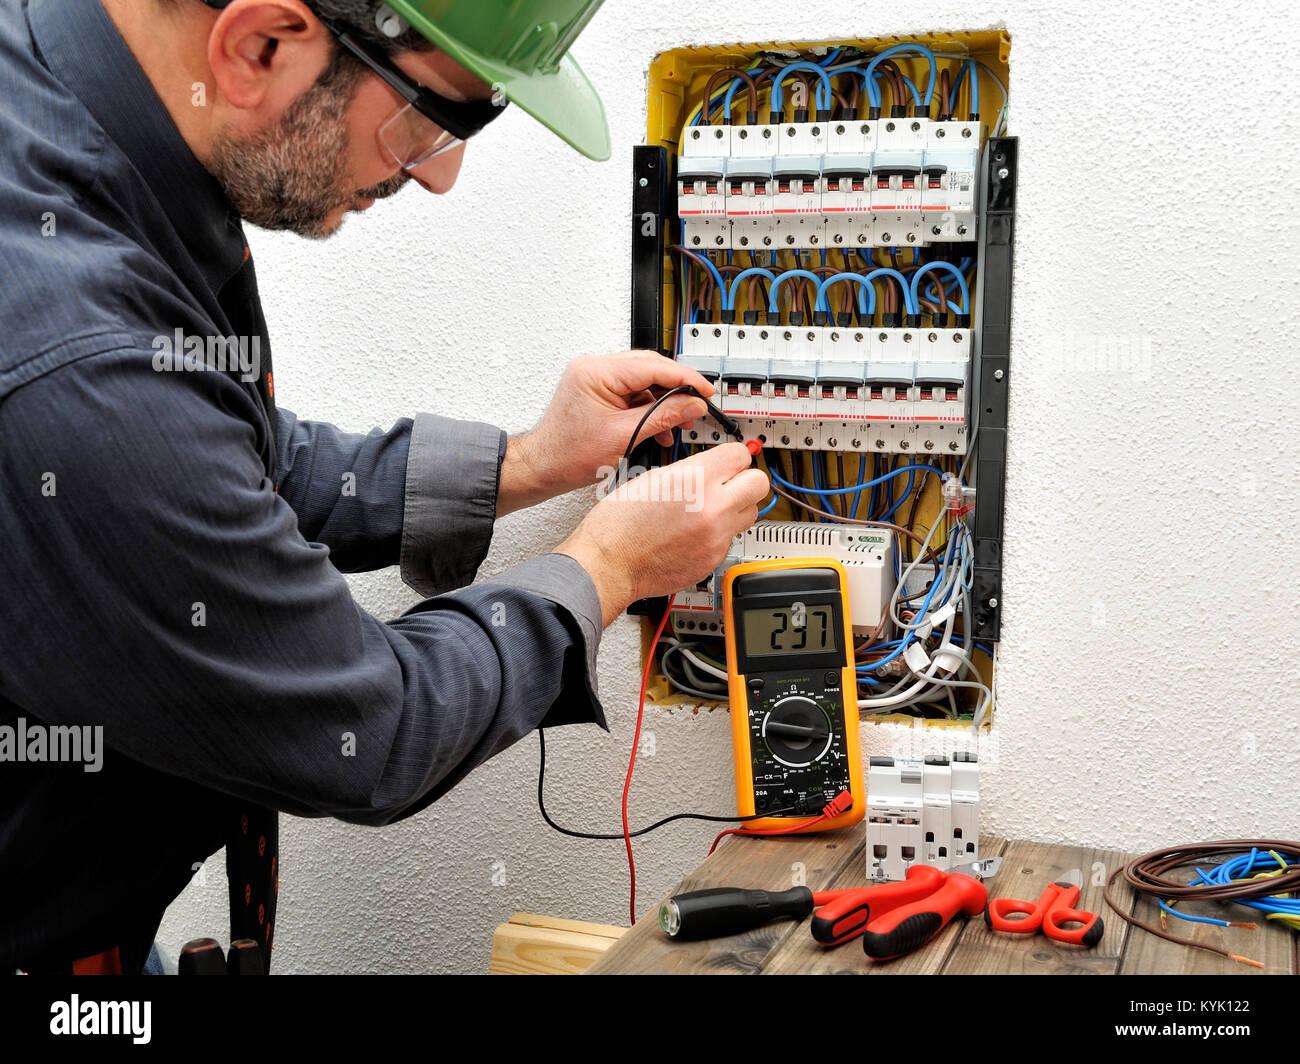 Técnico electricista mide la tensión de un disyuntor de un panel eléctrico residencial Imagen De Stock